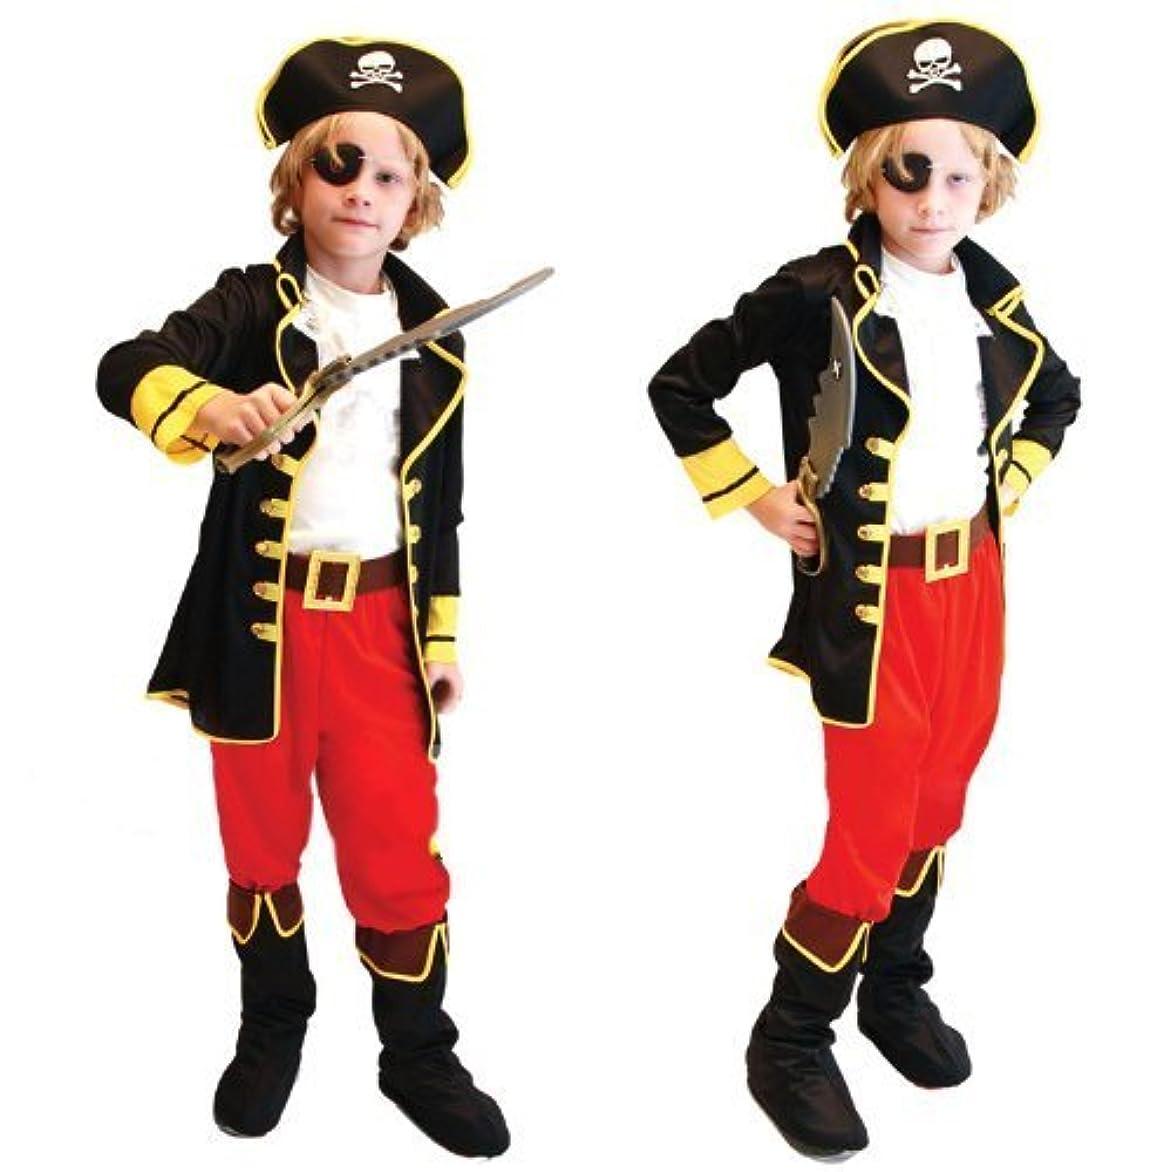 を必要としています言い直す合体GiftTower 海賊 コスプレ パイレーツ 衣装 キッズ 子供 6点セット (ジャケット 前掛け ズボン 帽子 ベルト 眼帯 ) Halloween ハロウィン クリスマス コスプレ 仮装 (120~130cm) L